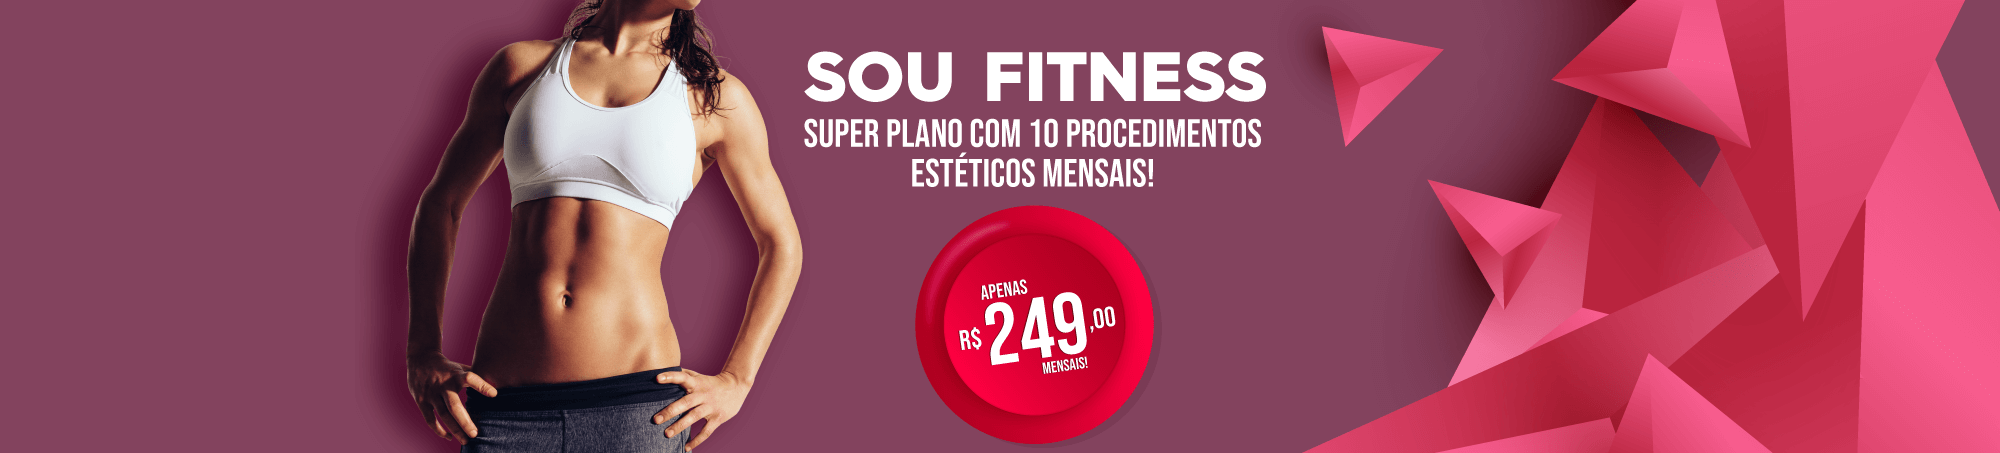 Sou-Fitness-fisest-s